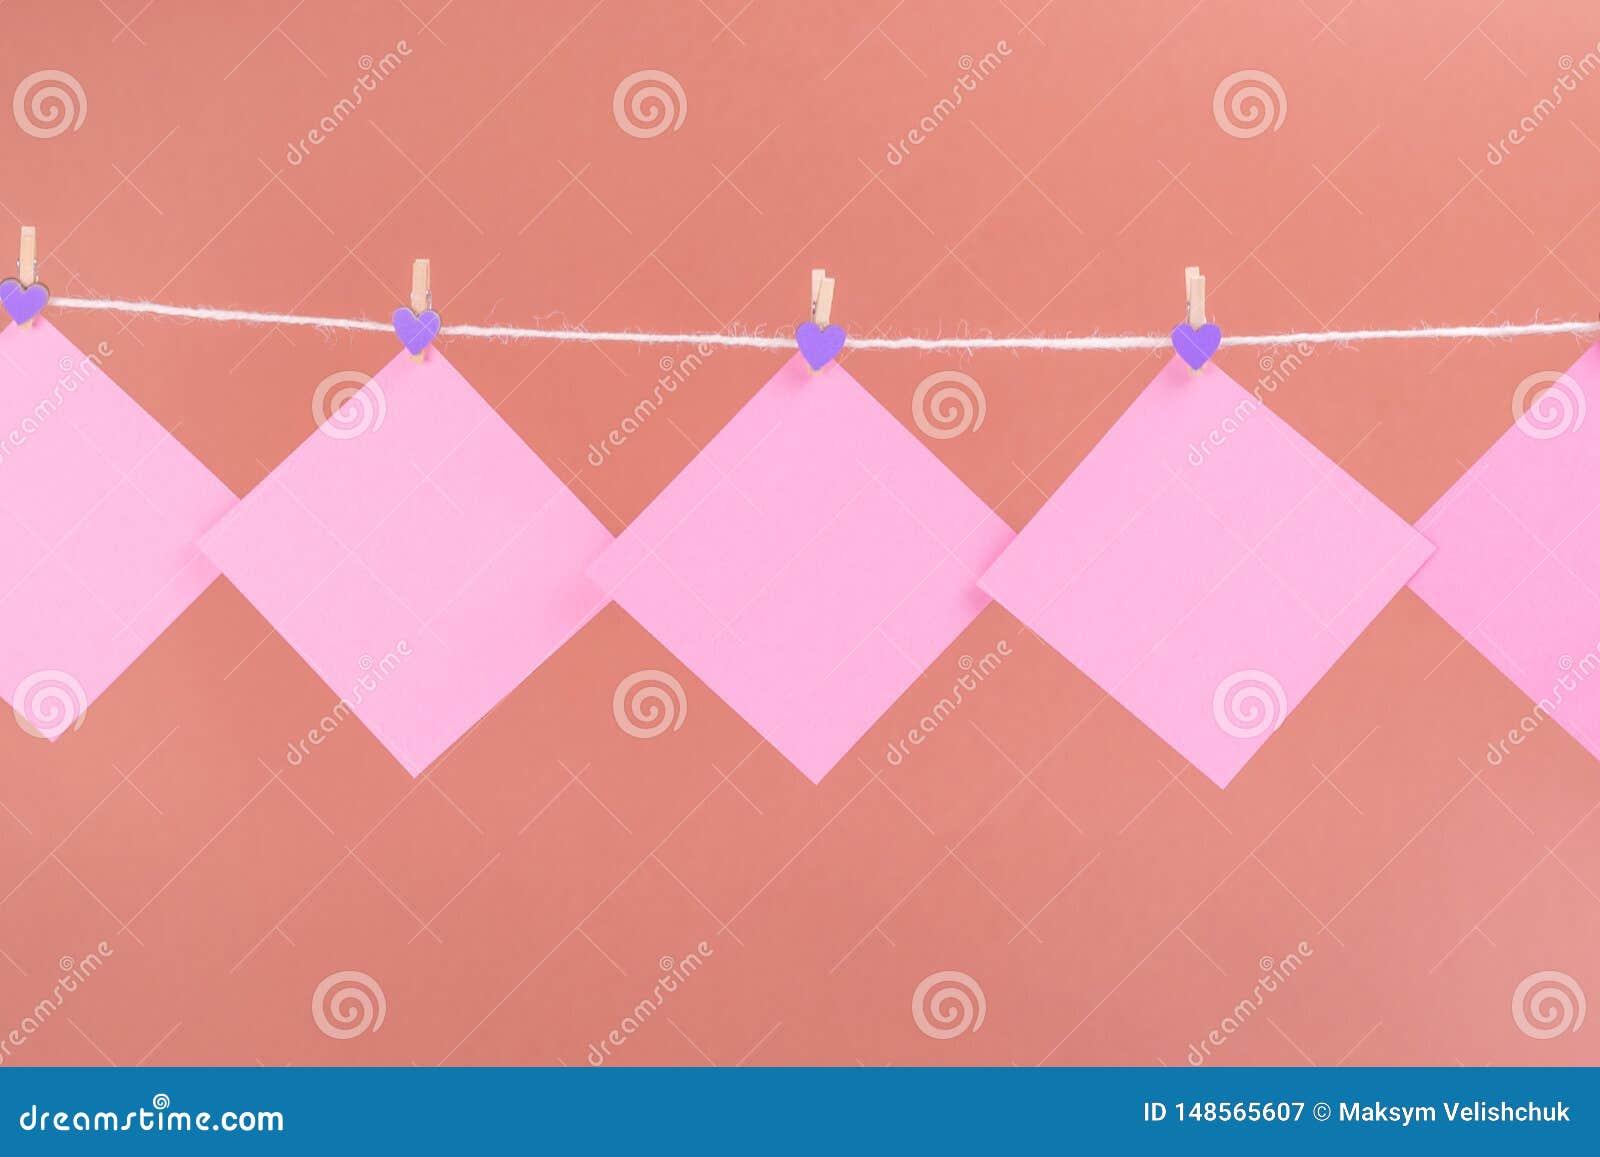 Розовые стикеры на веревке для белья с зажимками для белья изолированными на коричневой предпосылке